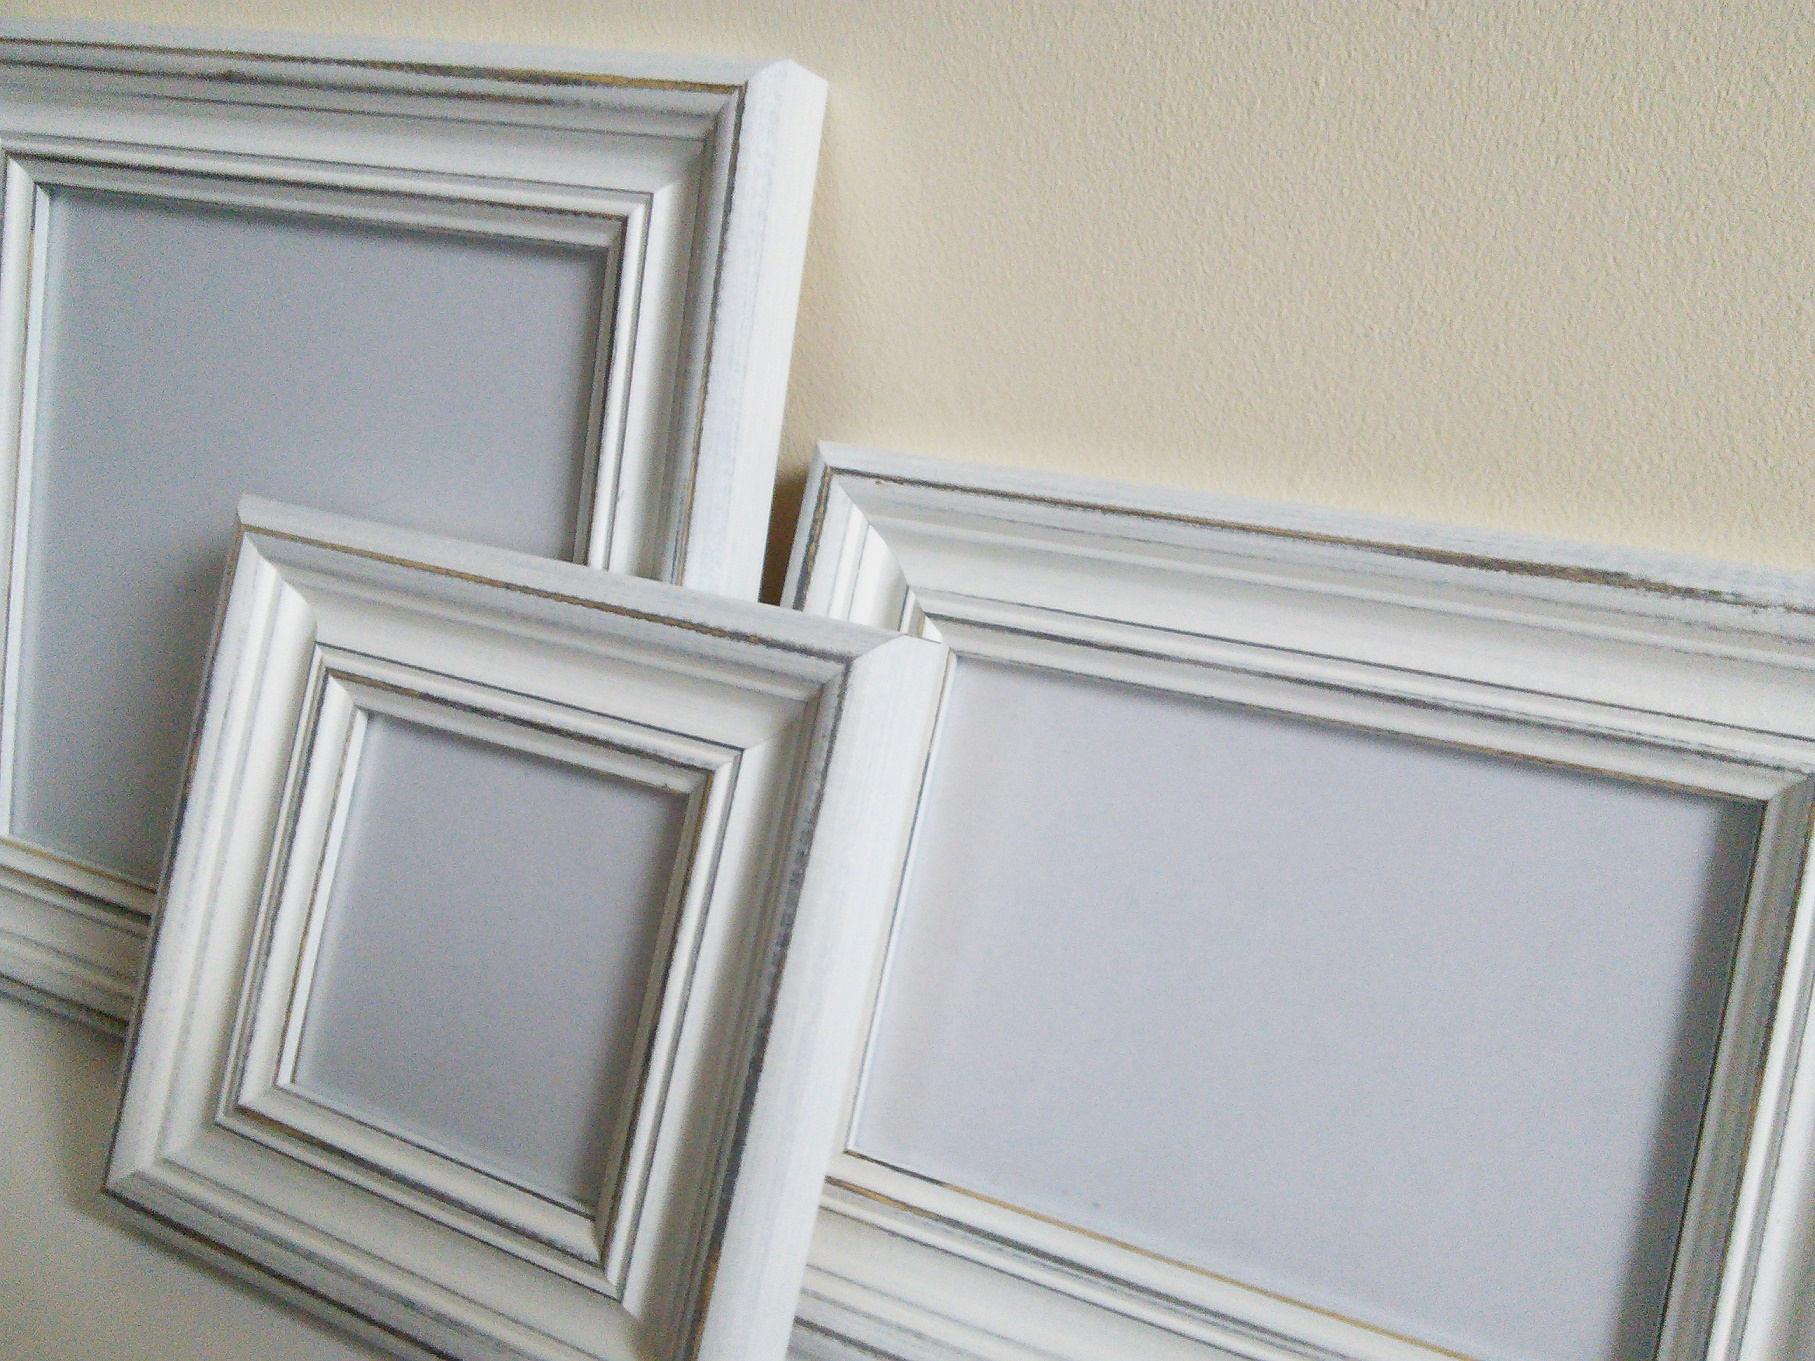 Beunruhigt weißen Rahmen Bild Rahmen Foto Rahmen A3 Plakat